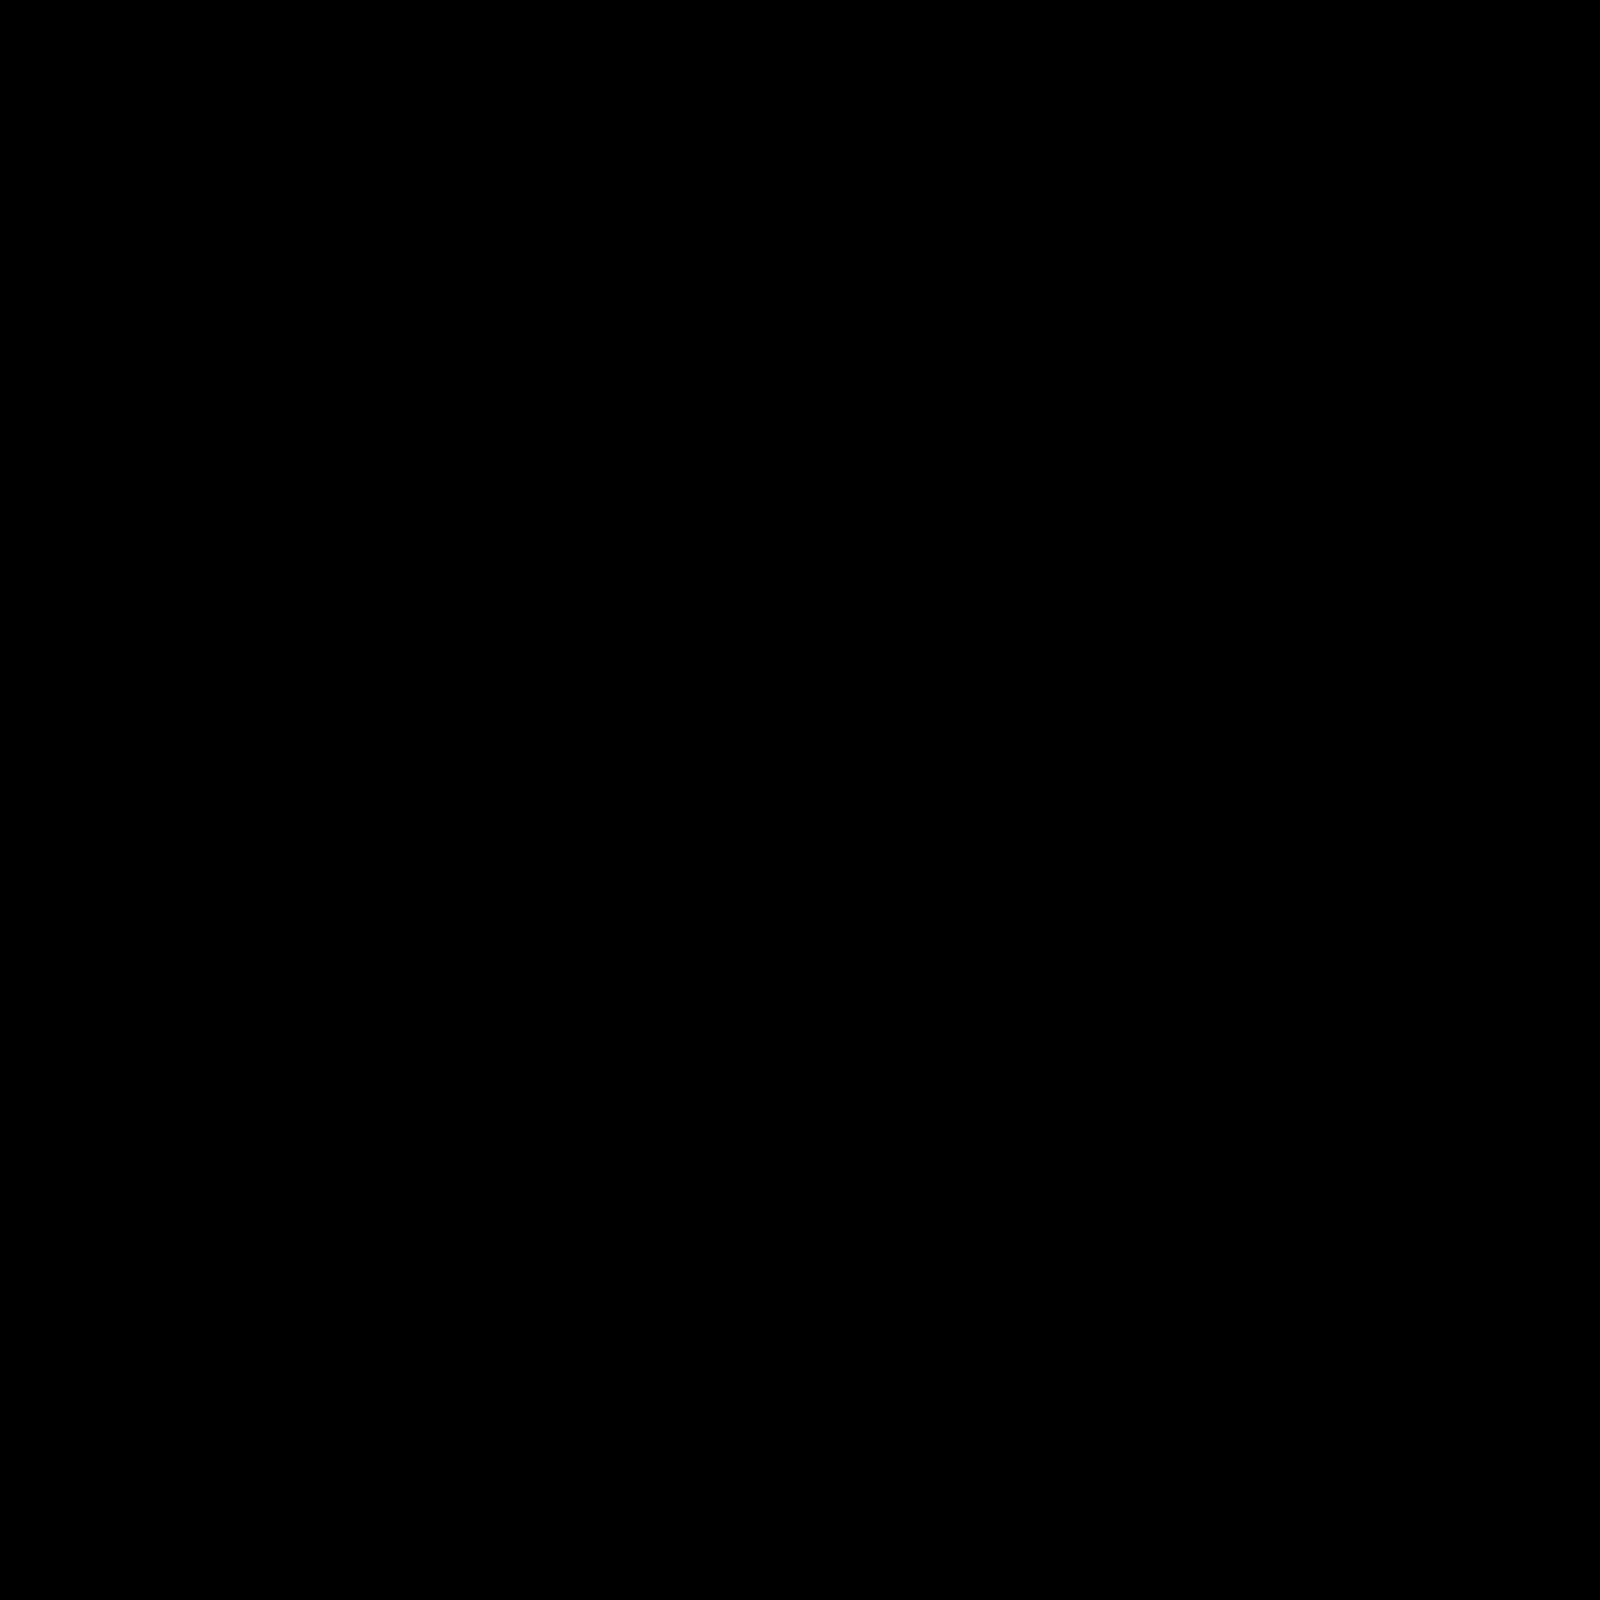 Cañón icon